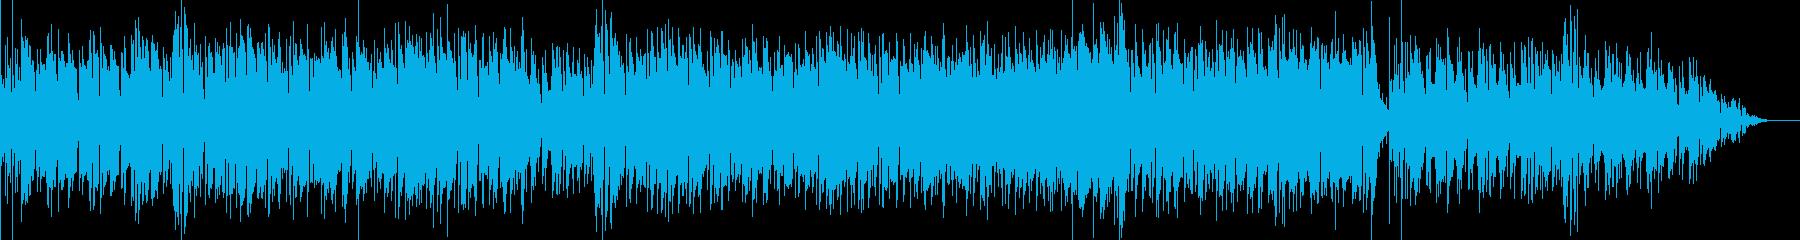 ジャズスタンダード ブラス アップテンポの再生済みの波形